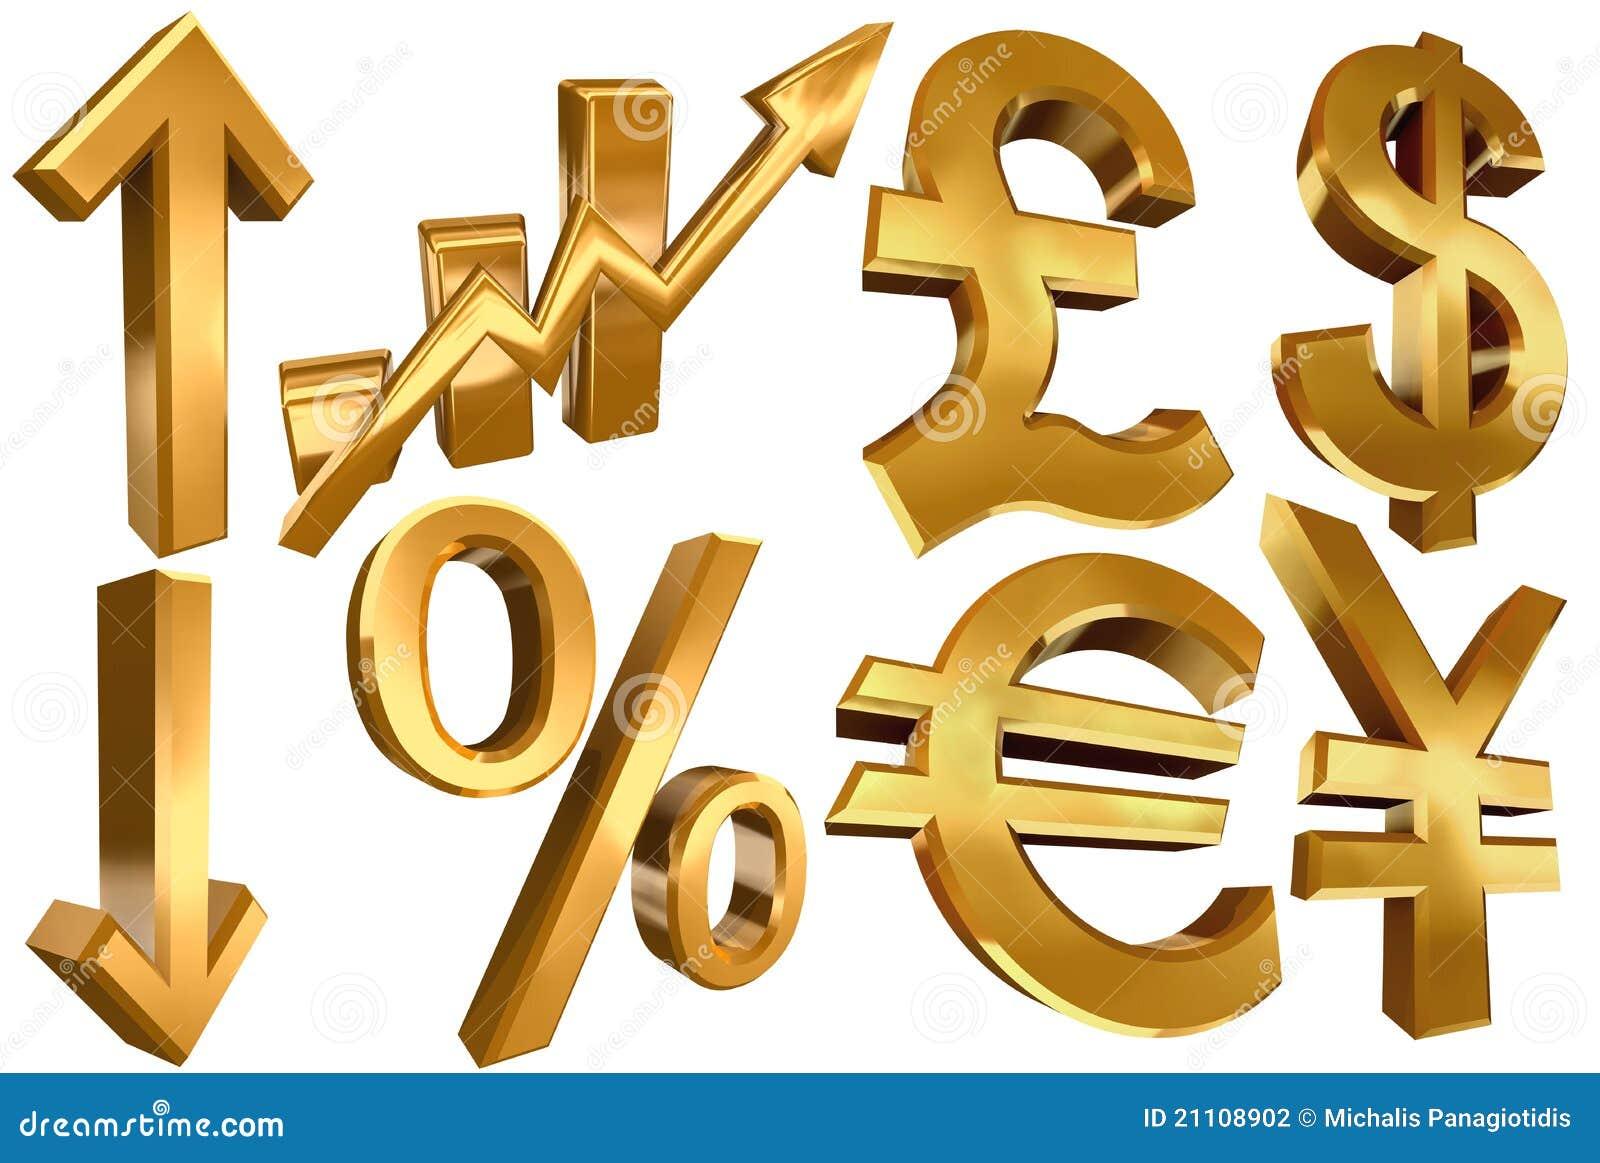 Golden Euro Dollar Pound Yen Arrow Stock Illustration Illustration